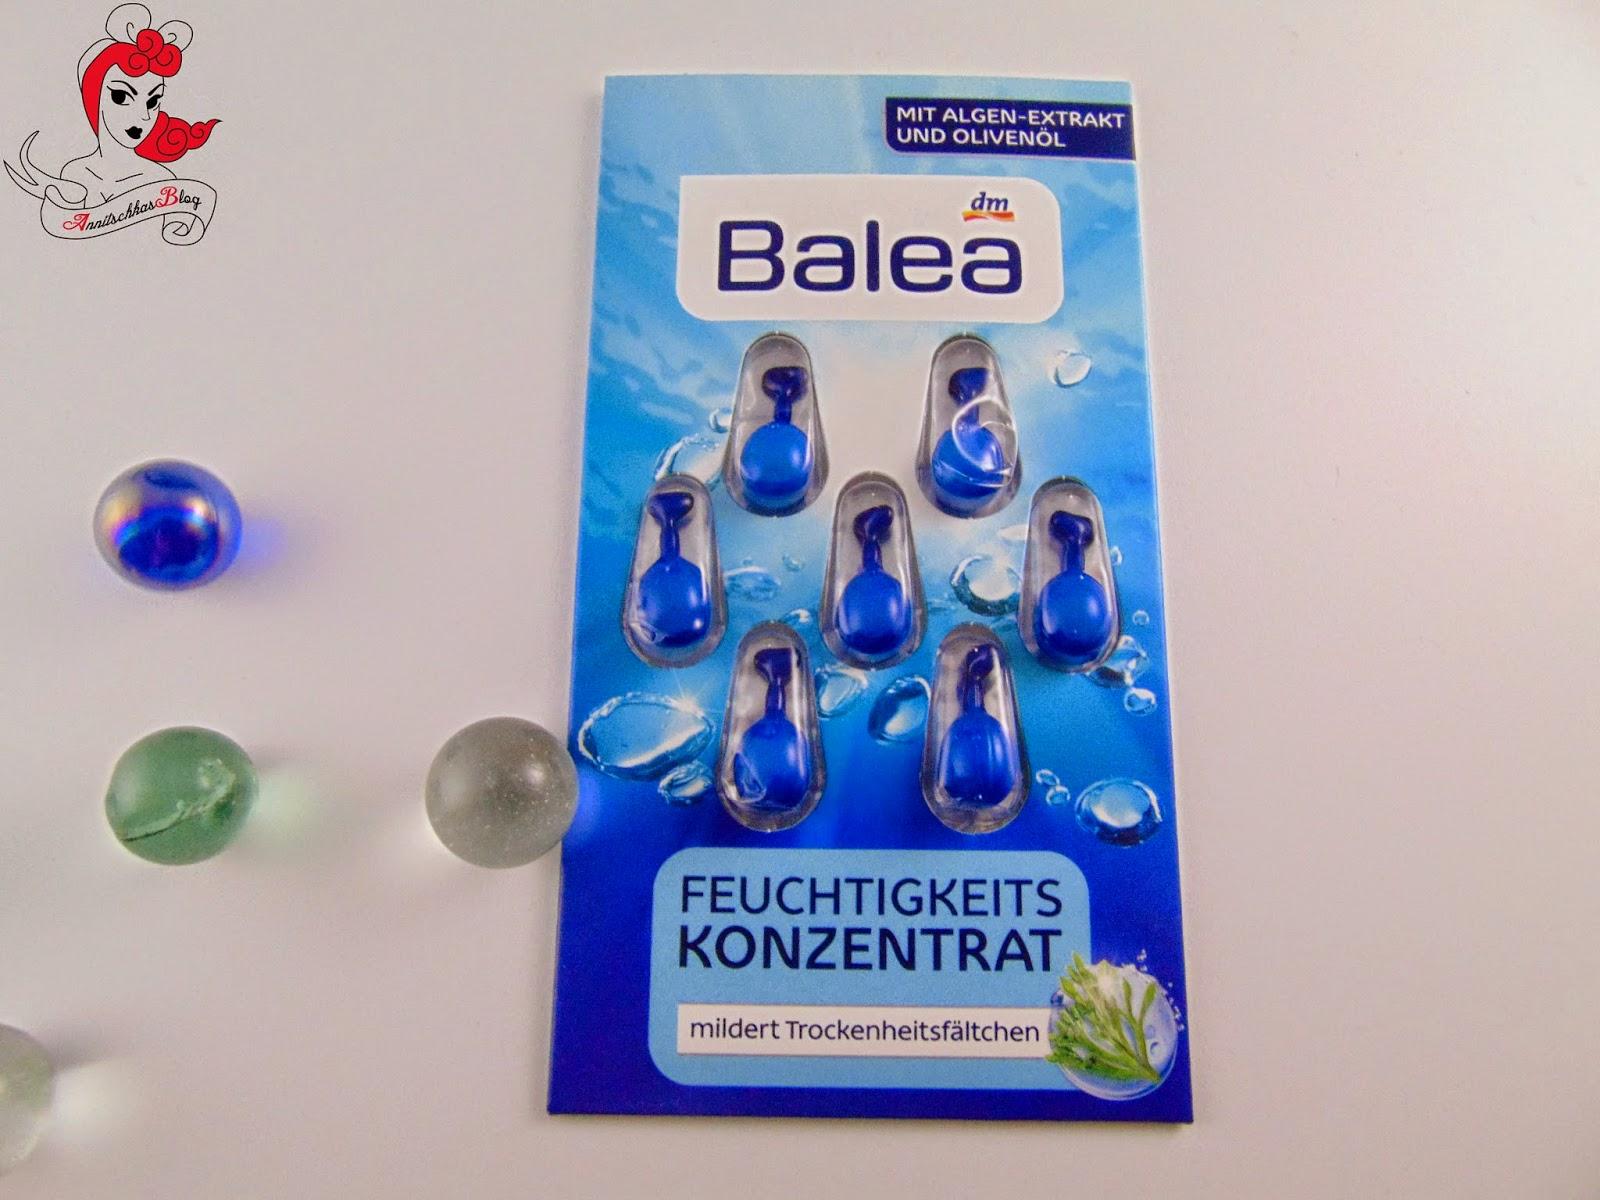 Balea Feuchtigkeitskonzentrat - www.annitschkasblog.de